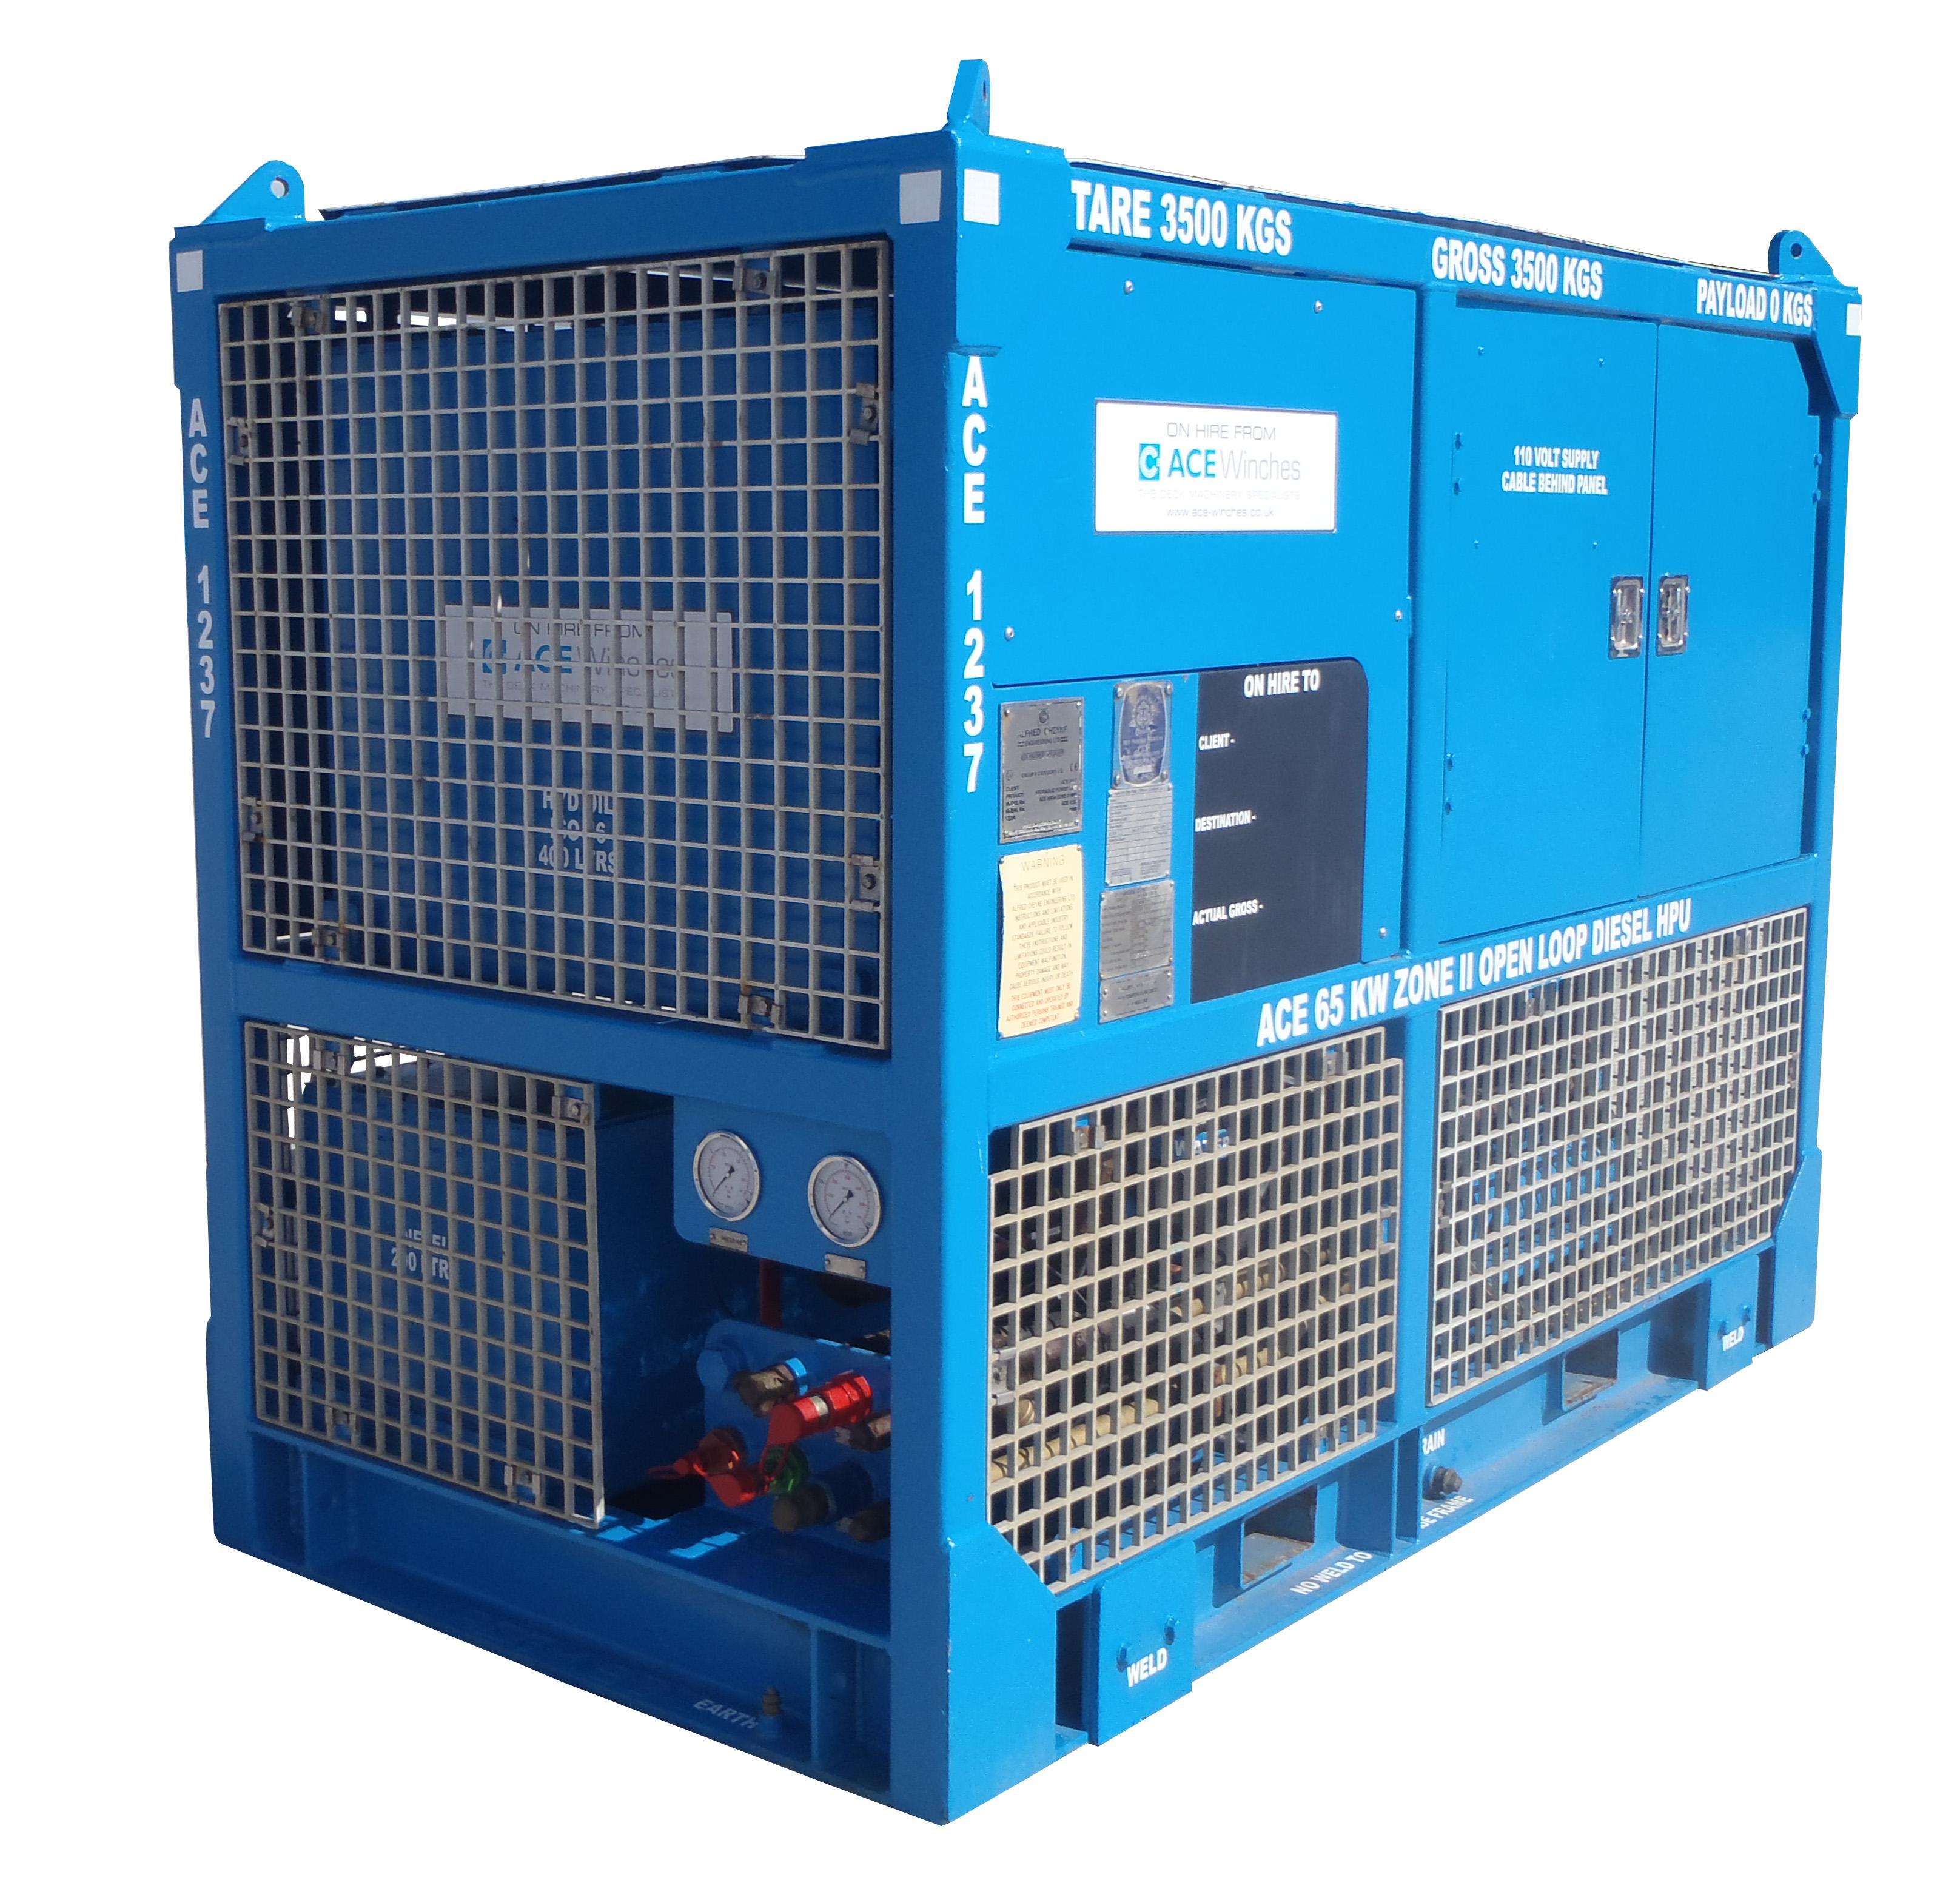 ACE 47kW Zone 2 Open Loop Diesel HPU